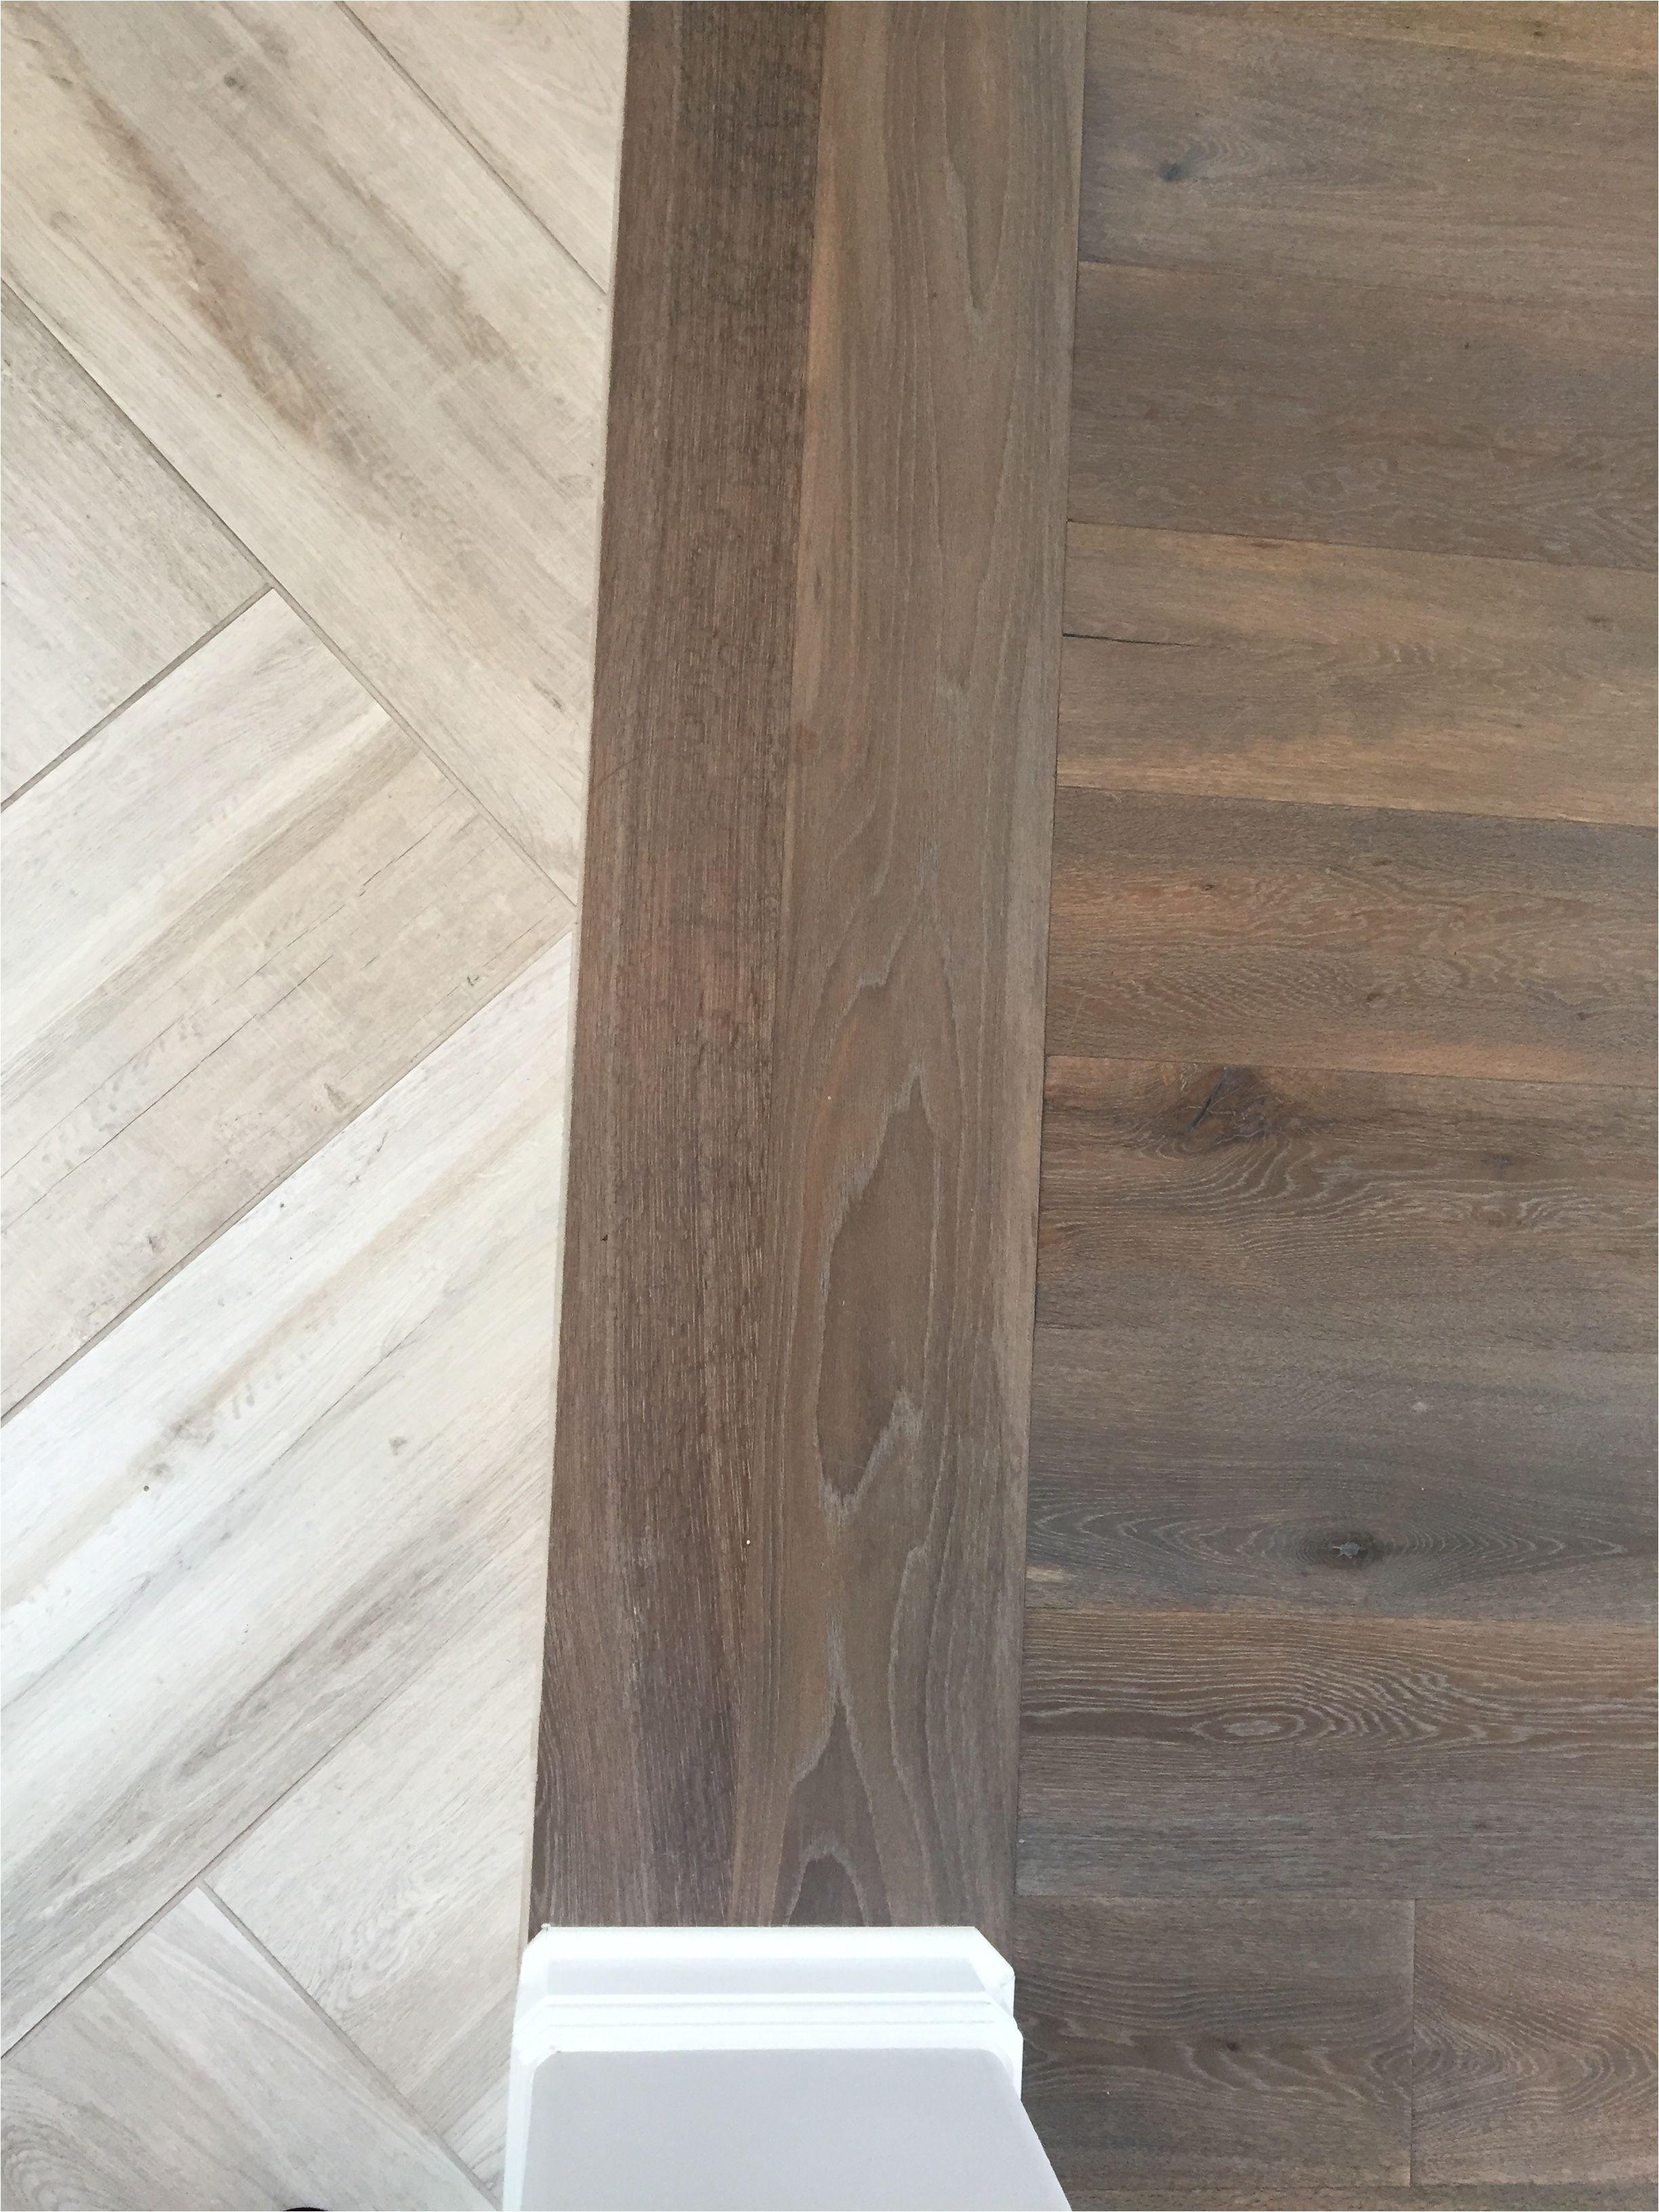 Tile Flooring for Mobile Homes Floor Transition Laminate to Herringbone Tile Pattern Model